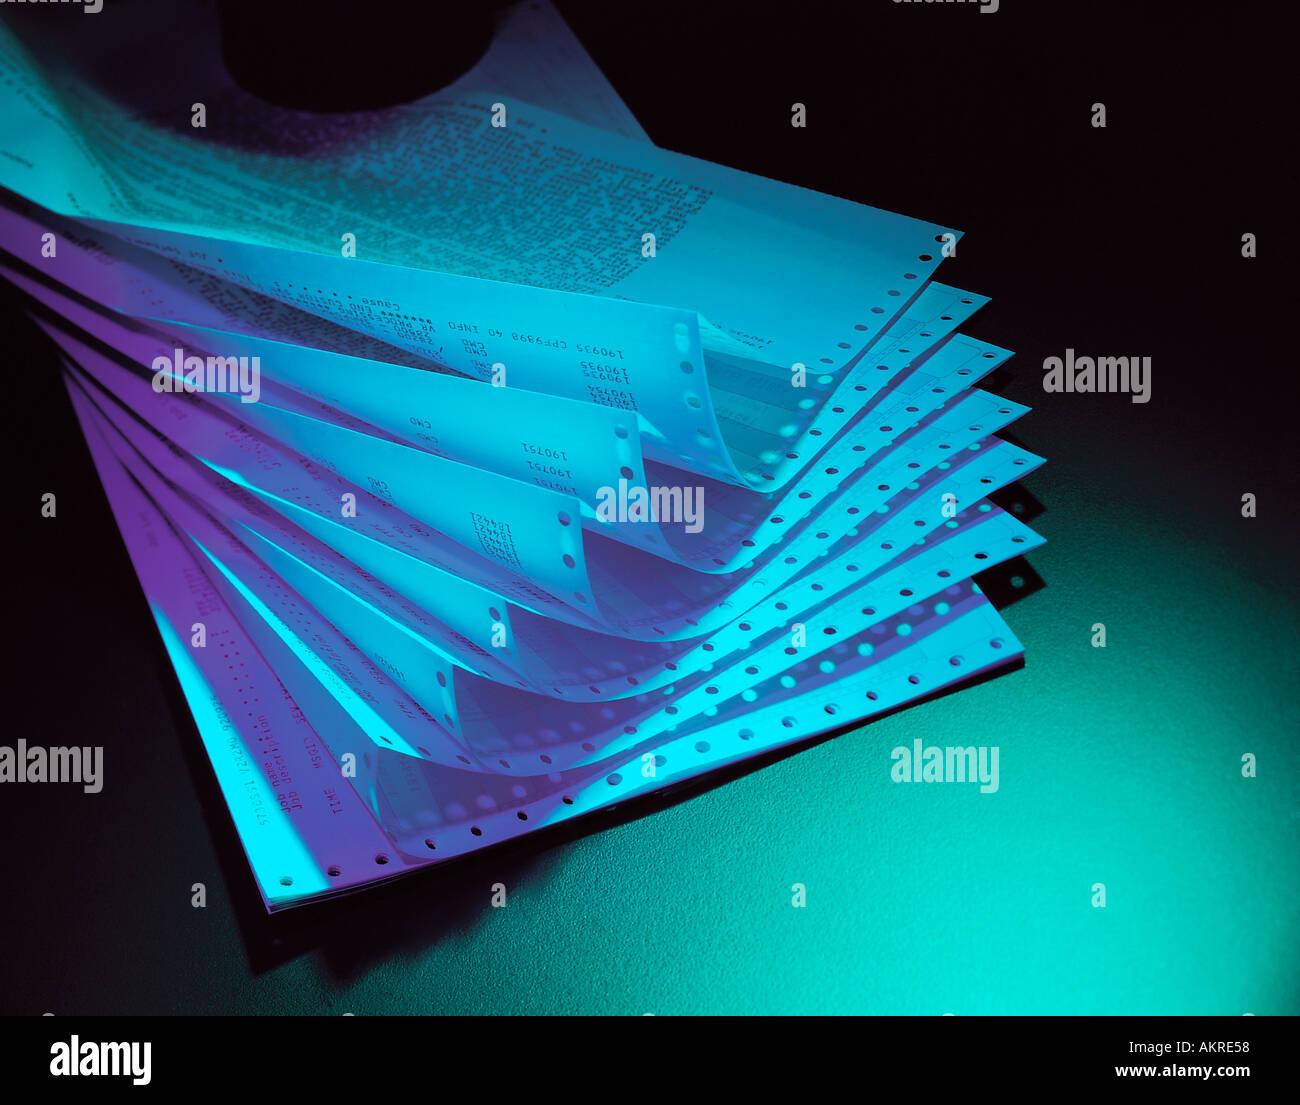 Stapel von Computer ausdrucken Papier Stillleben Stockbild